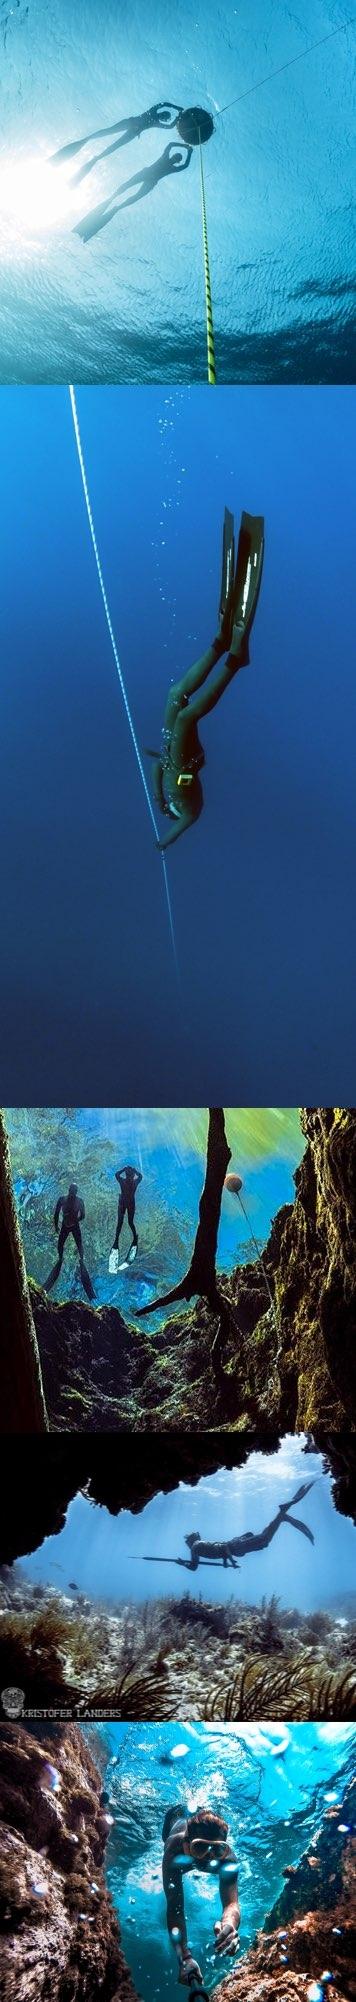 Freediving Course Orlando